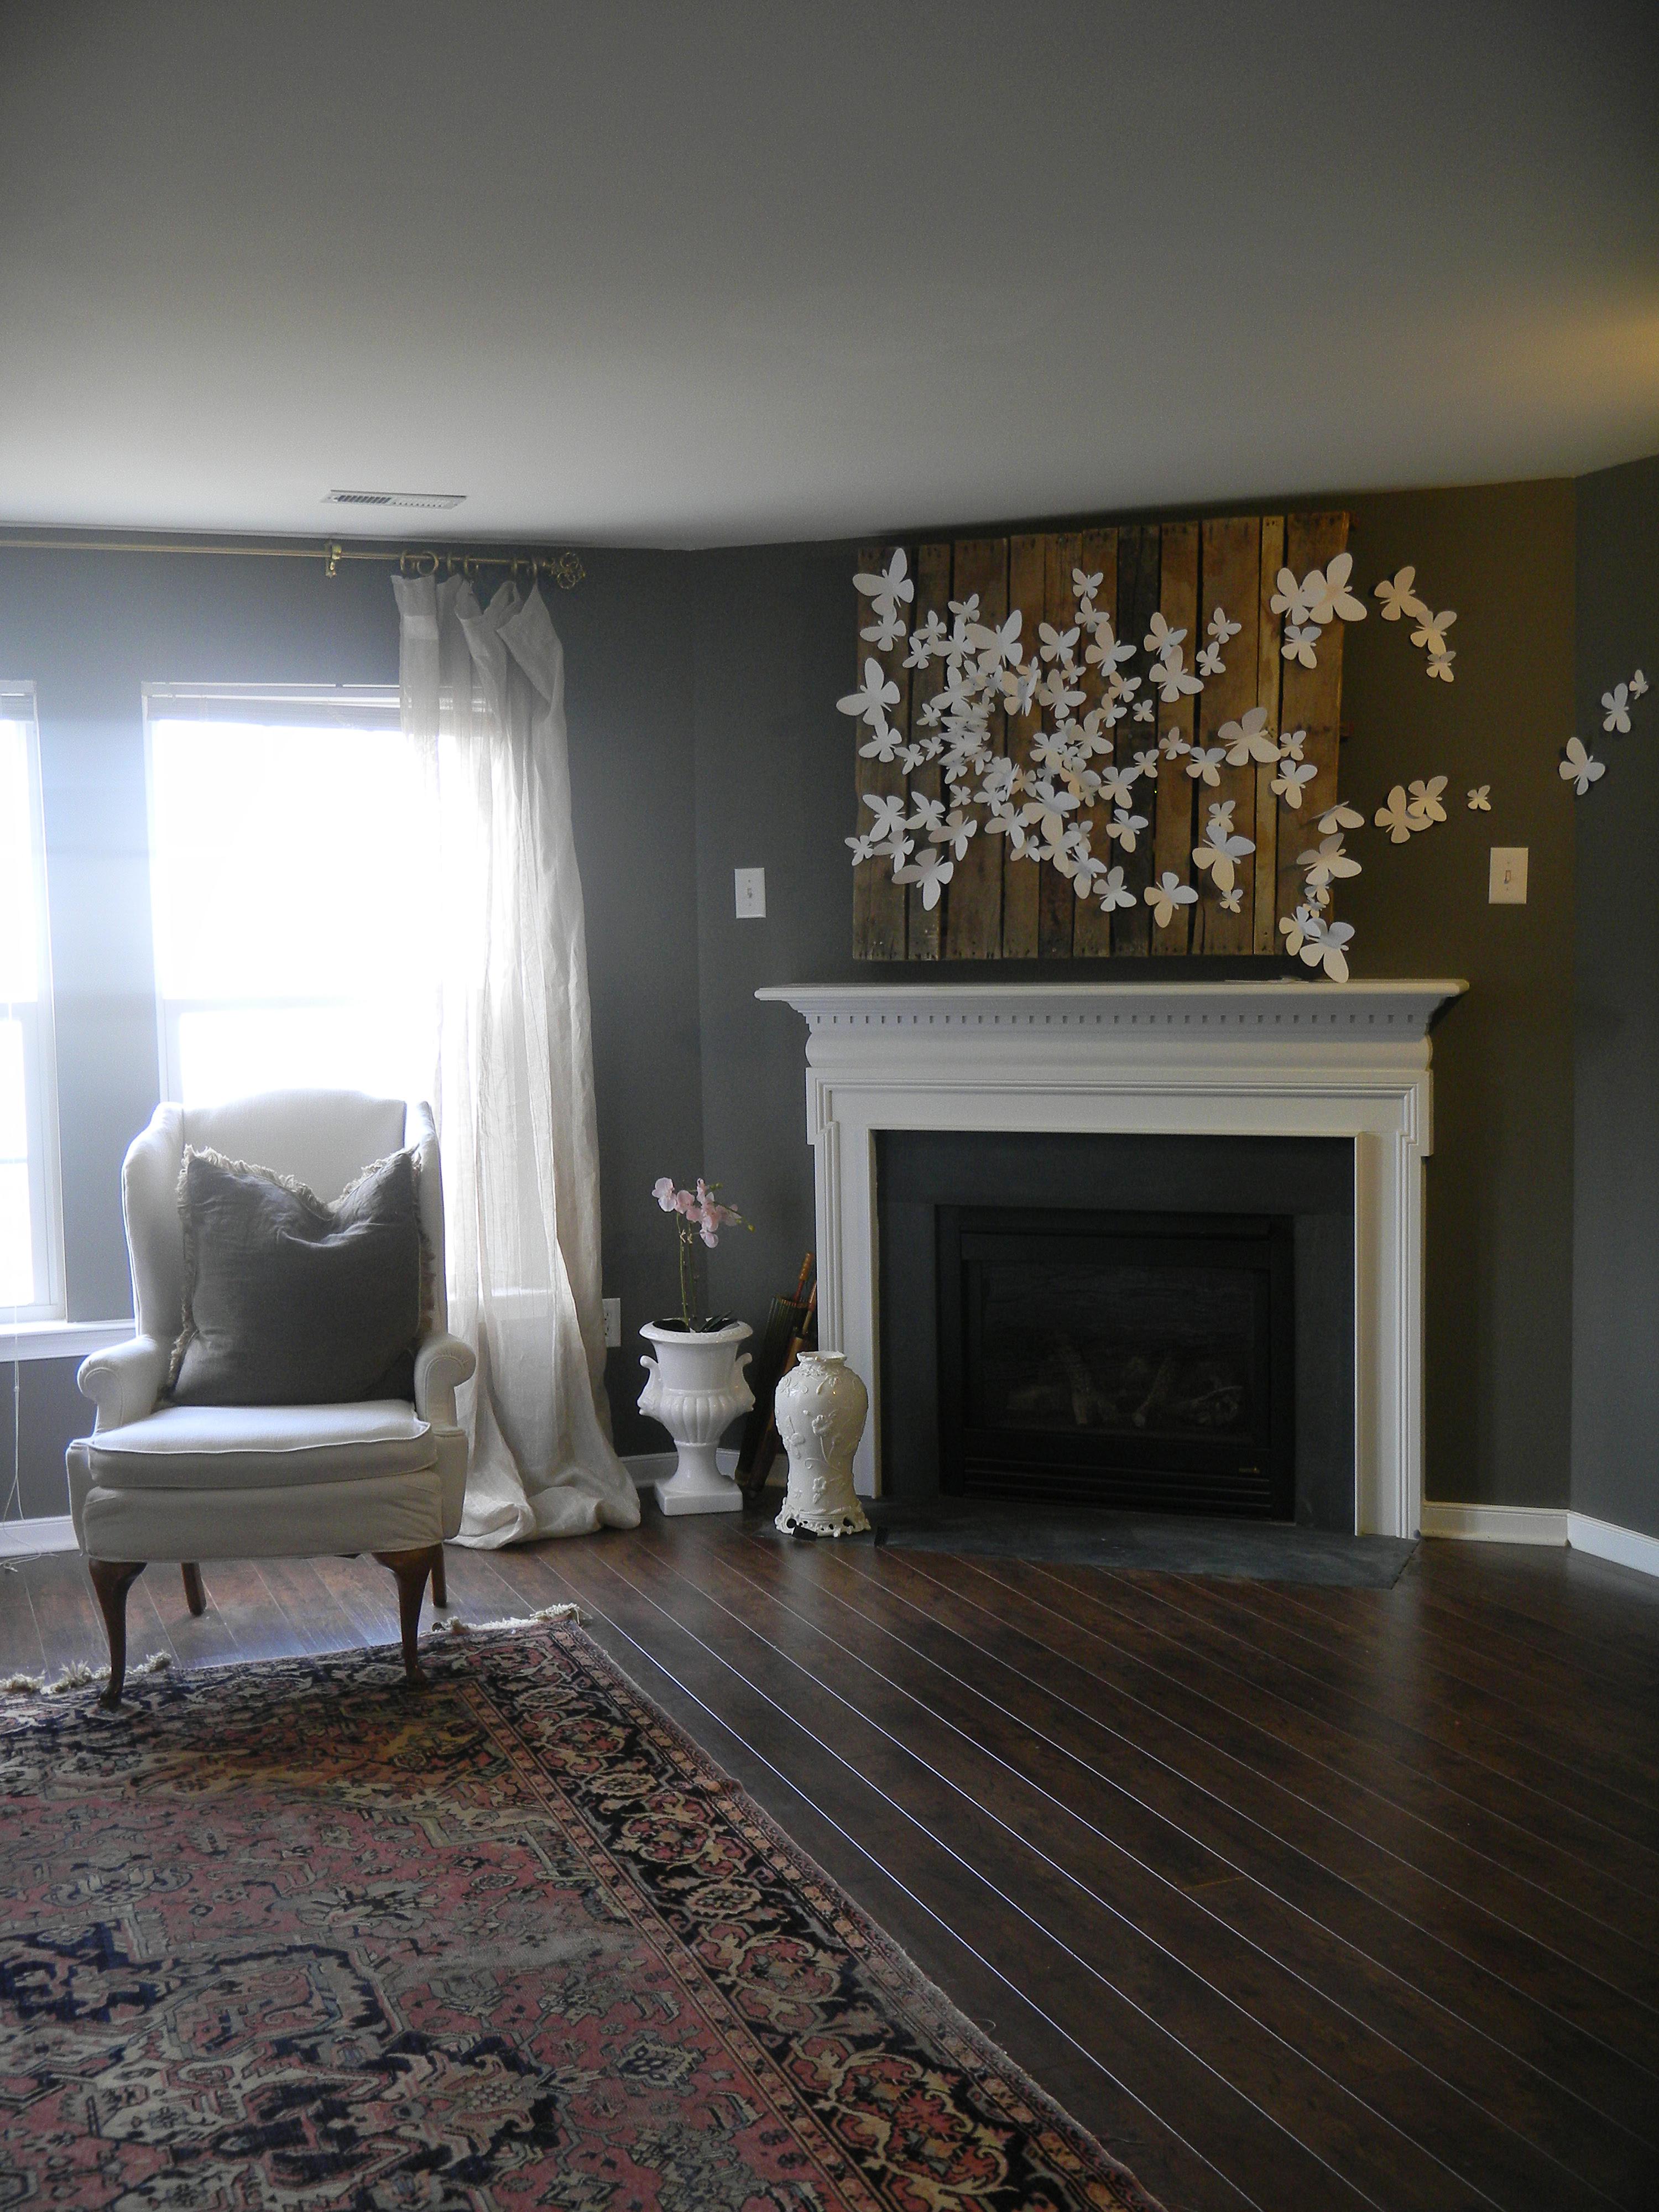 Wall Decor Ideas Over Tv Erfly Art 3000 X 4000